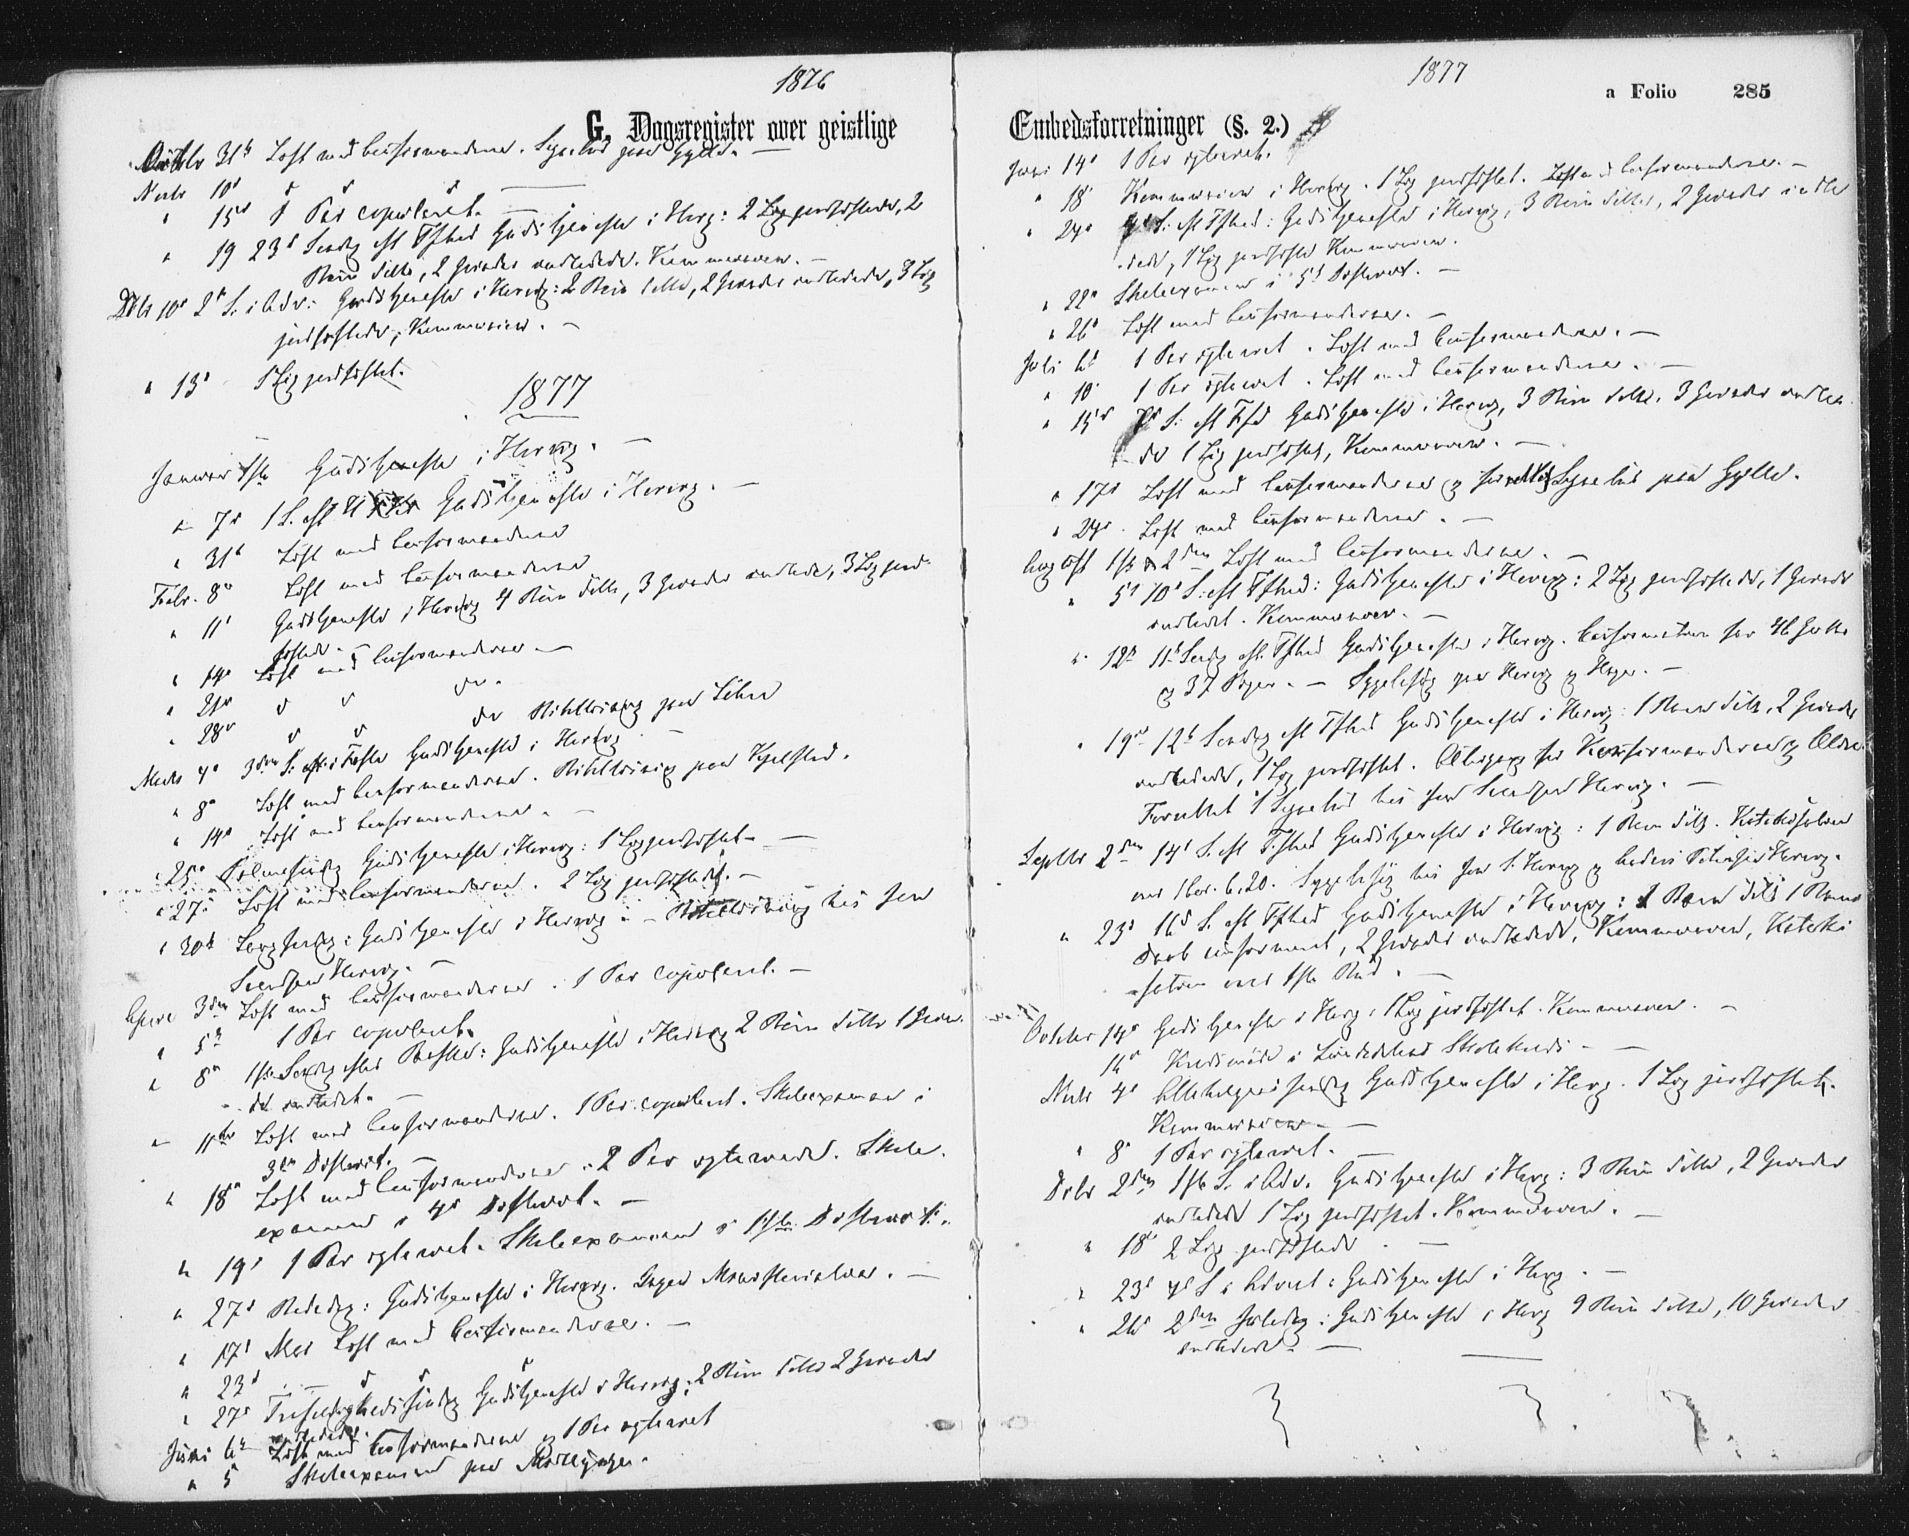 SAT, Ministerialprotokoller, klokkerbøker og fødselsregistre - Sør-Trøndelag, 692/L1104: Ministerialbok nr. 692A04, 1862-1878, s. 285